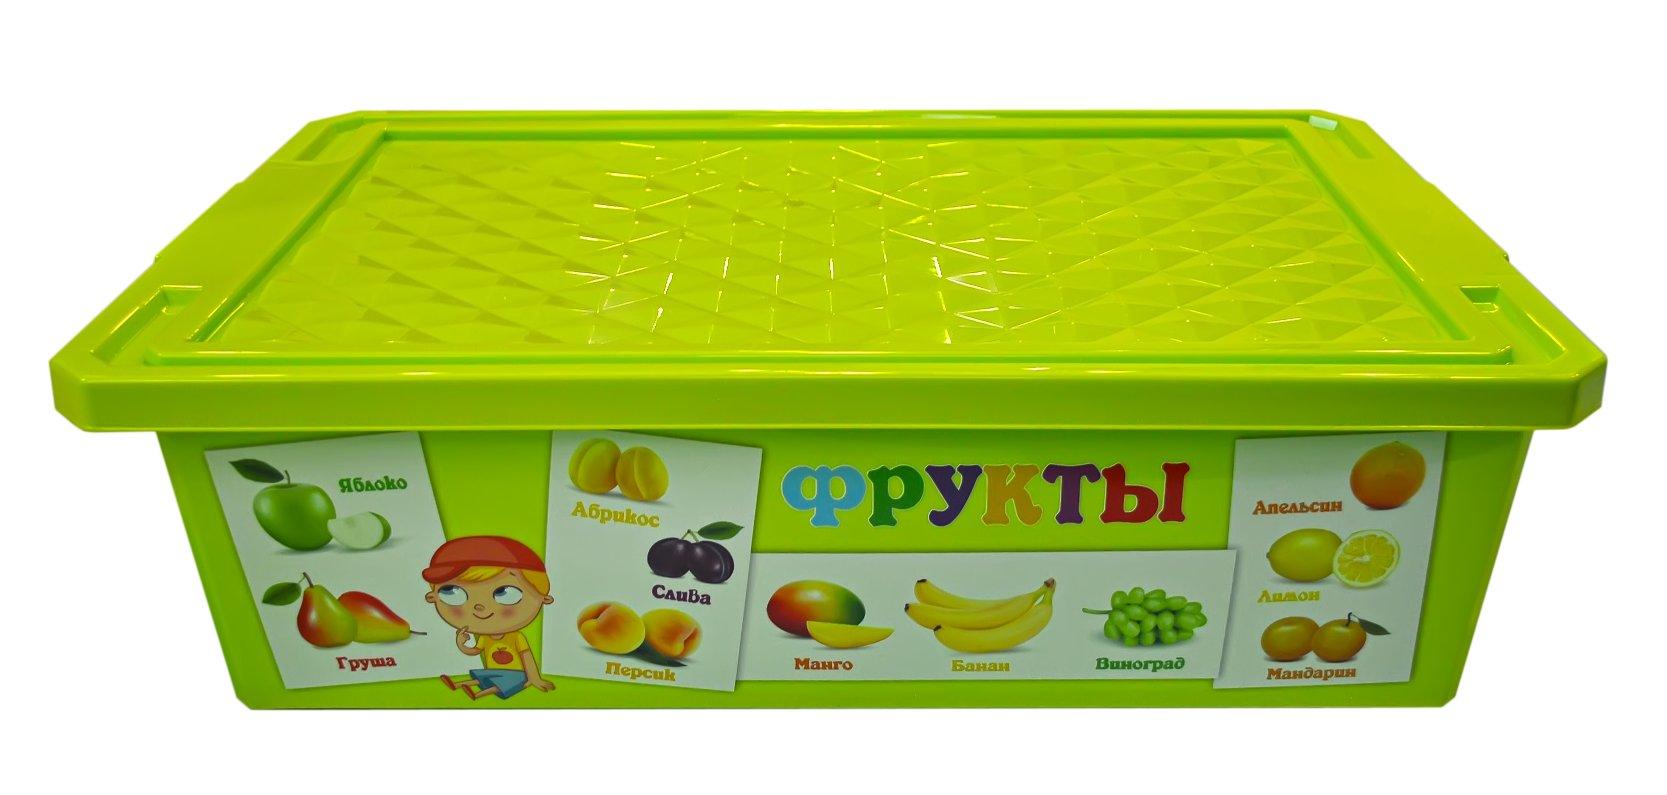 Ящик для хранения игрушек Little Angel X-BOX. Обучайка. Овощи-фрукты, цвет: салатовый, 30 лLA1024ОБСЛУниверсальный ящик для хранения от Little Angel с новым обучающимдекором Овощи-фрукты - это простой и доступный способ рассказать малышу об овощах и фруктах. Такой функциональный объект для хранения несомненно станет достойным дополнением пространства развивающей среды для Вашего подрастающего гения. Ящик декорирован с помощью технологии In Mould Labeling (IML). Декор ящика устойчив при мытье, дольше сохраняет насыщенность цветов . Прочный каркас ящика позволит хранить как легкие вещи, так и более тяжелый груз. Уникальный обучающий декор линии Обучайка разработан при участии педагогов ДОУ и детских психологов.